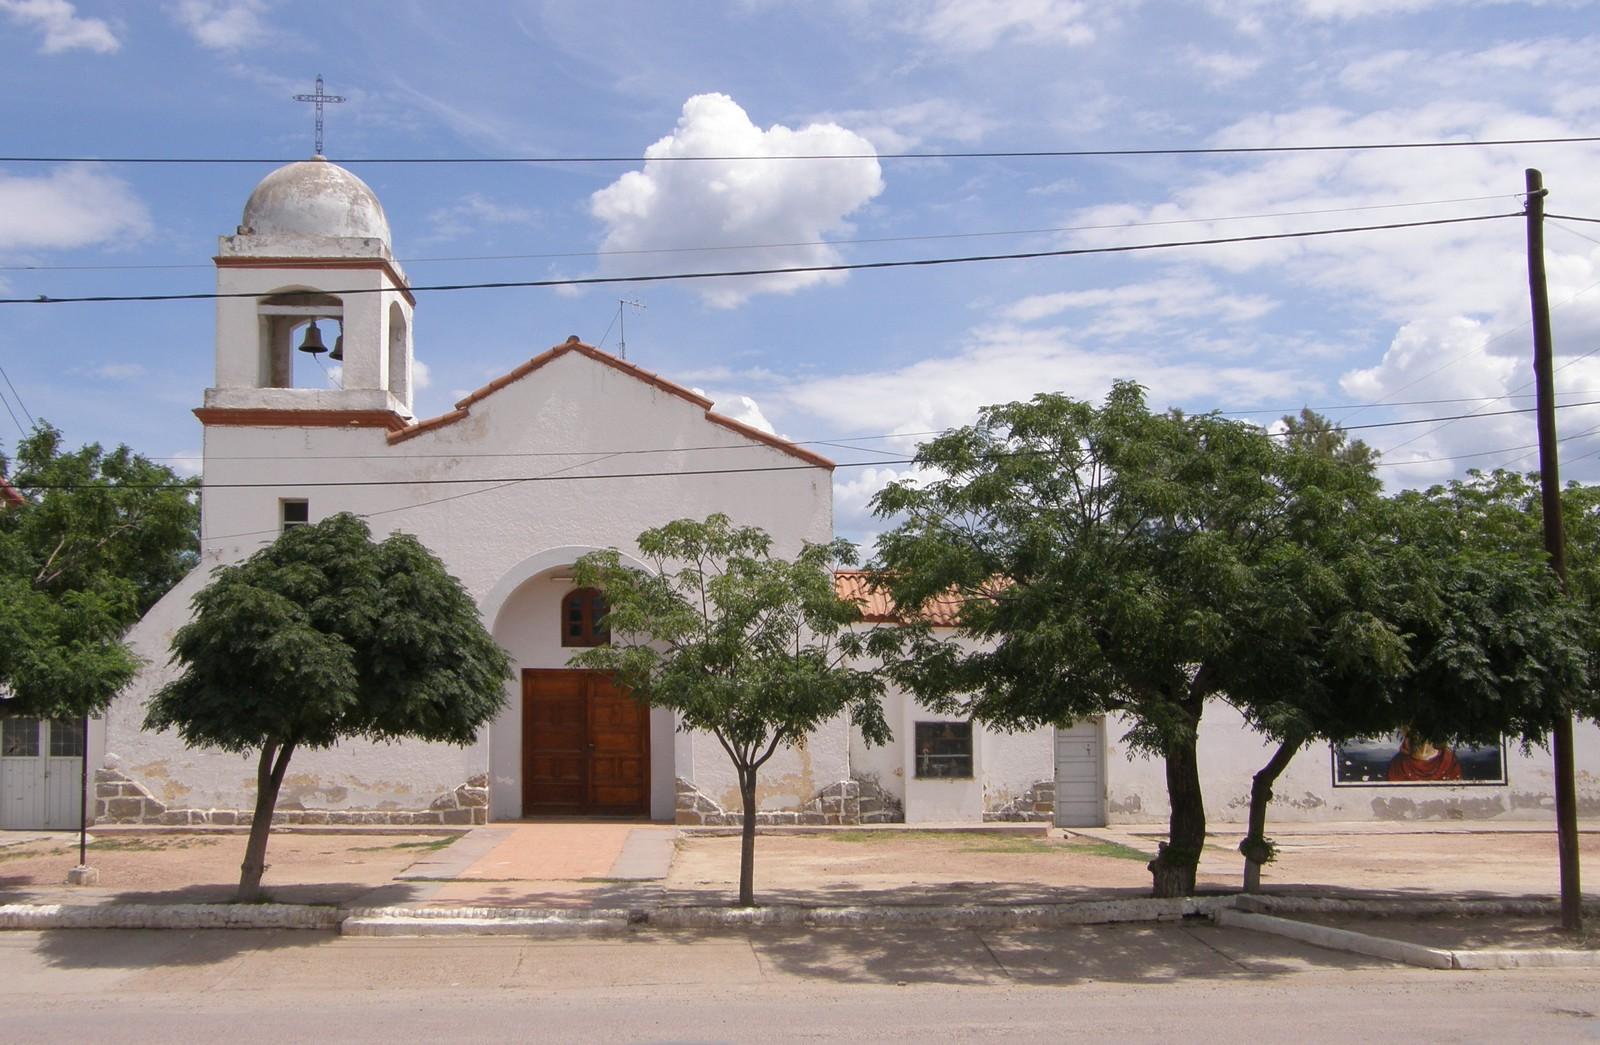 Nuestra Señora de la Consolación de Sumampa, Hermana de Virgen de Luján, Argentina (23 nov, 25 jun)